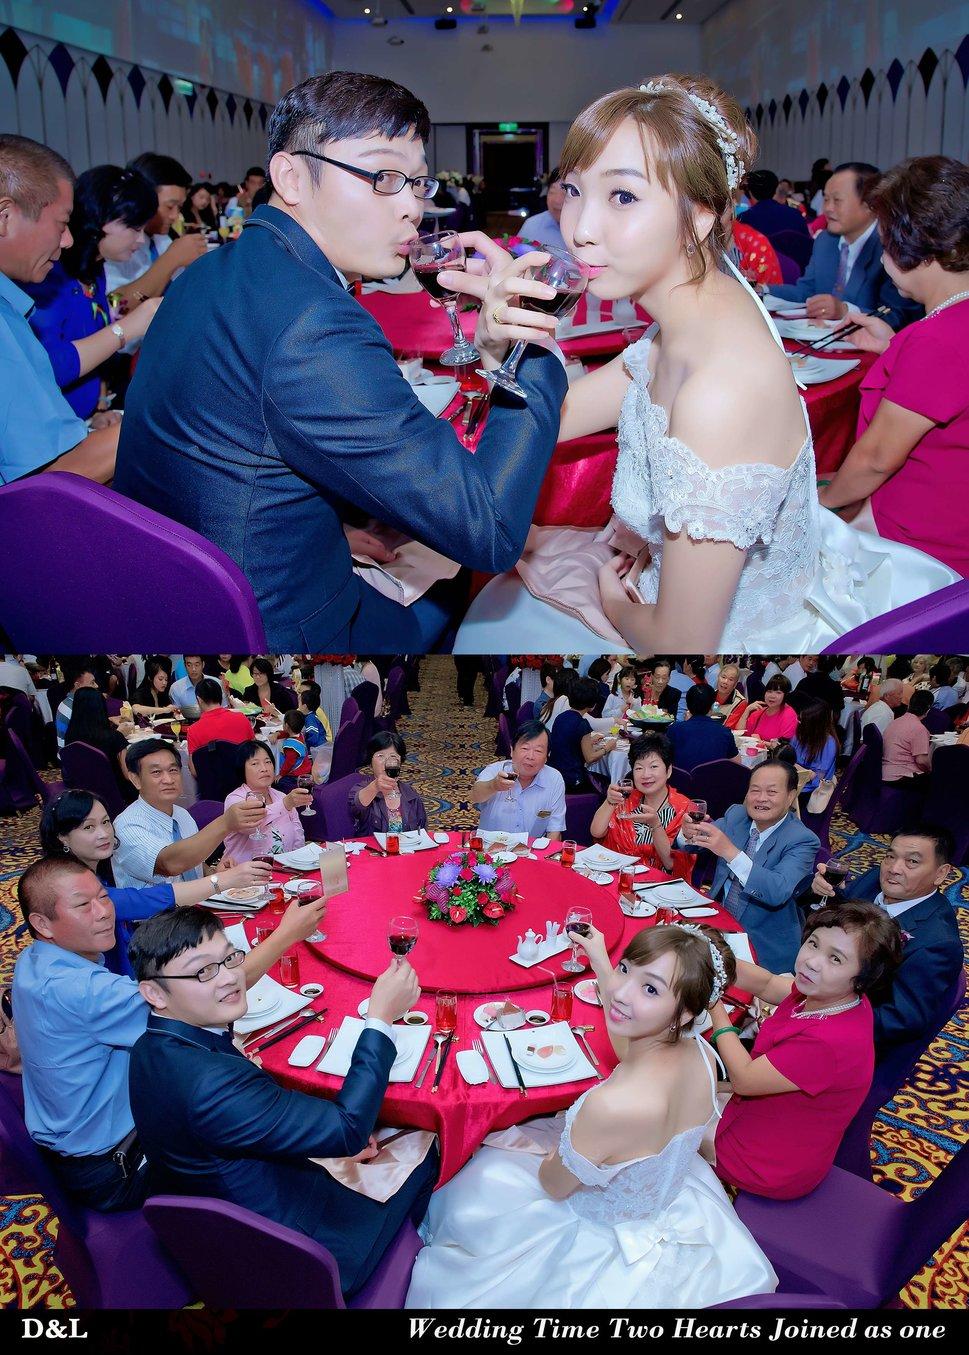 婚禮紀錄 嘉捷&莉卿(編號:300047) - D&L 婚禮事務-婚禮攝影/婚紗攝影 - 結婚吧一站式婚禮服務平台